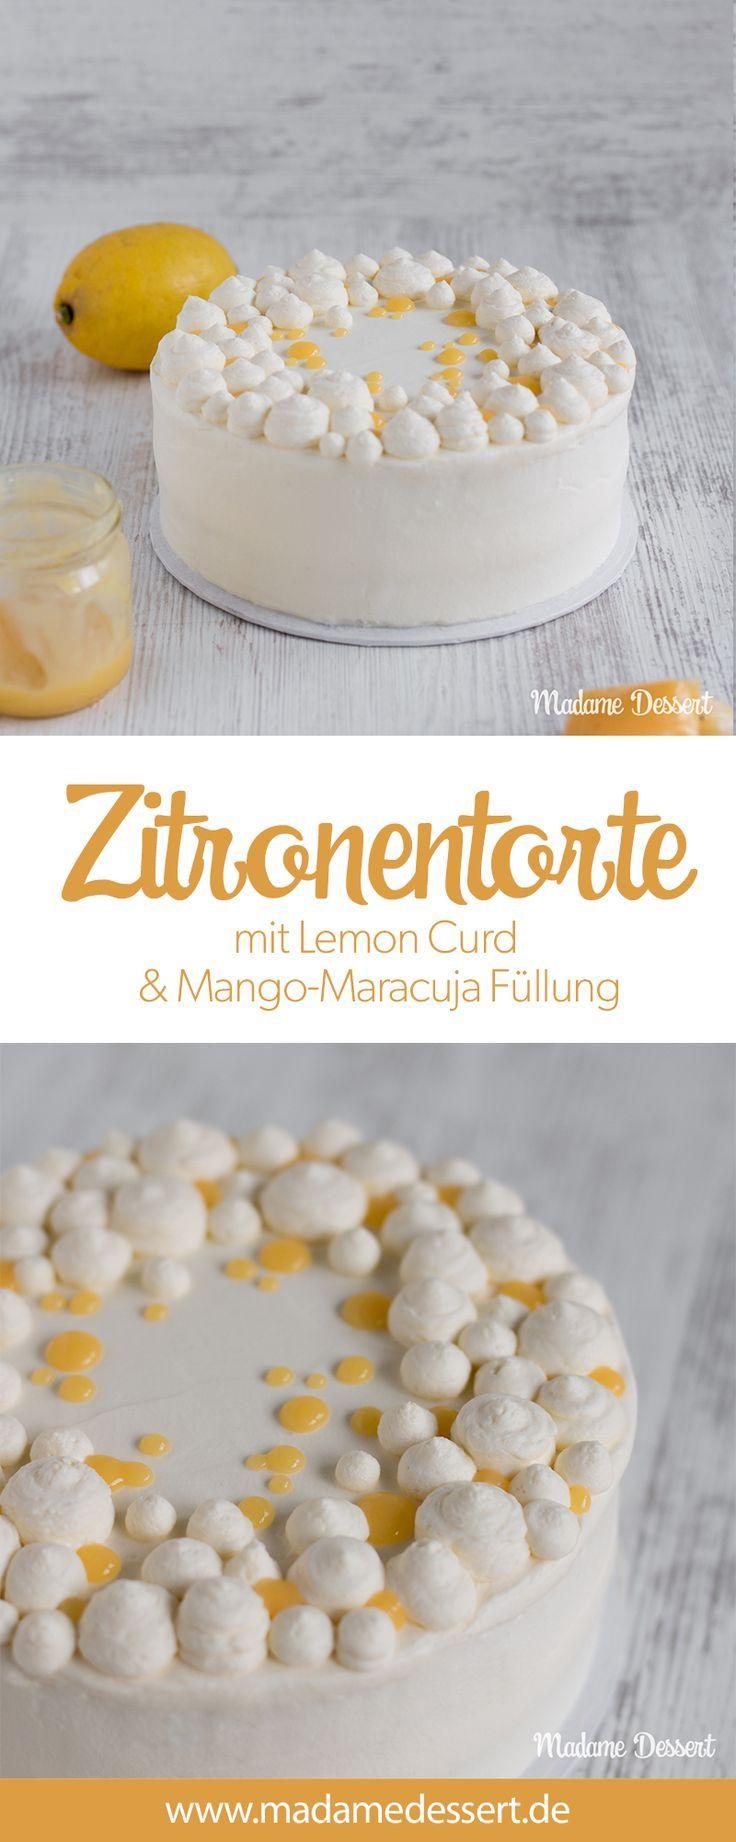 Fruchtige Zitronentorte mit Lemon Curd Fruchtige Zitronentorte mit Lemon Curd -  -